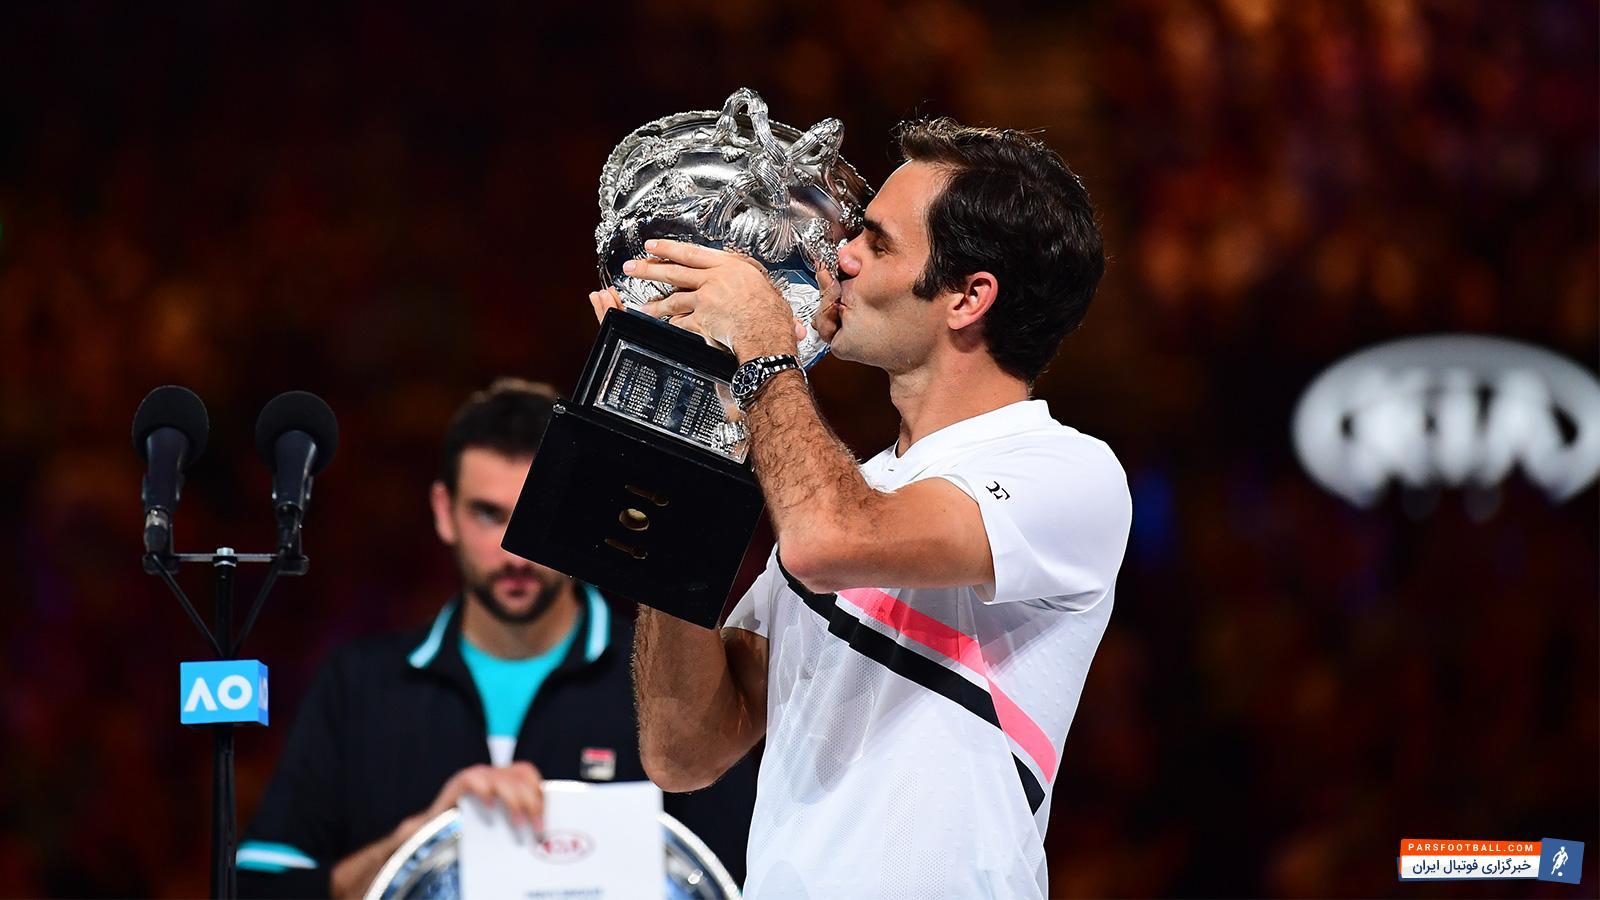 راجر فدرر قهرمان تنیس آزاد استرالیا